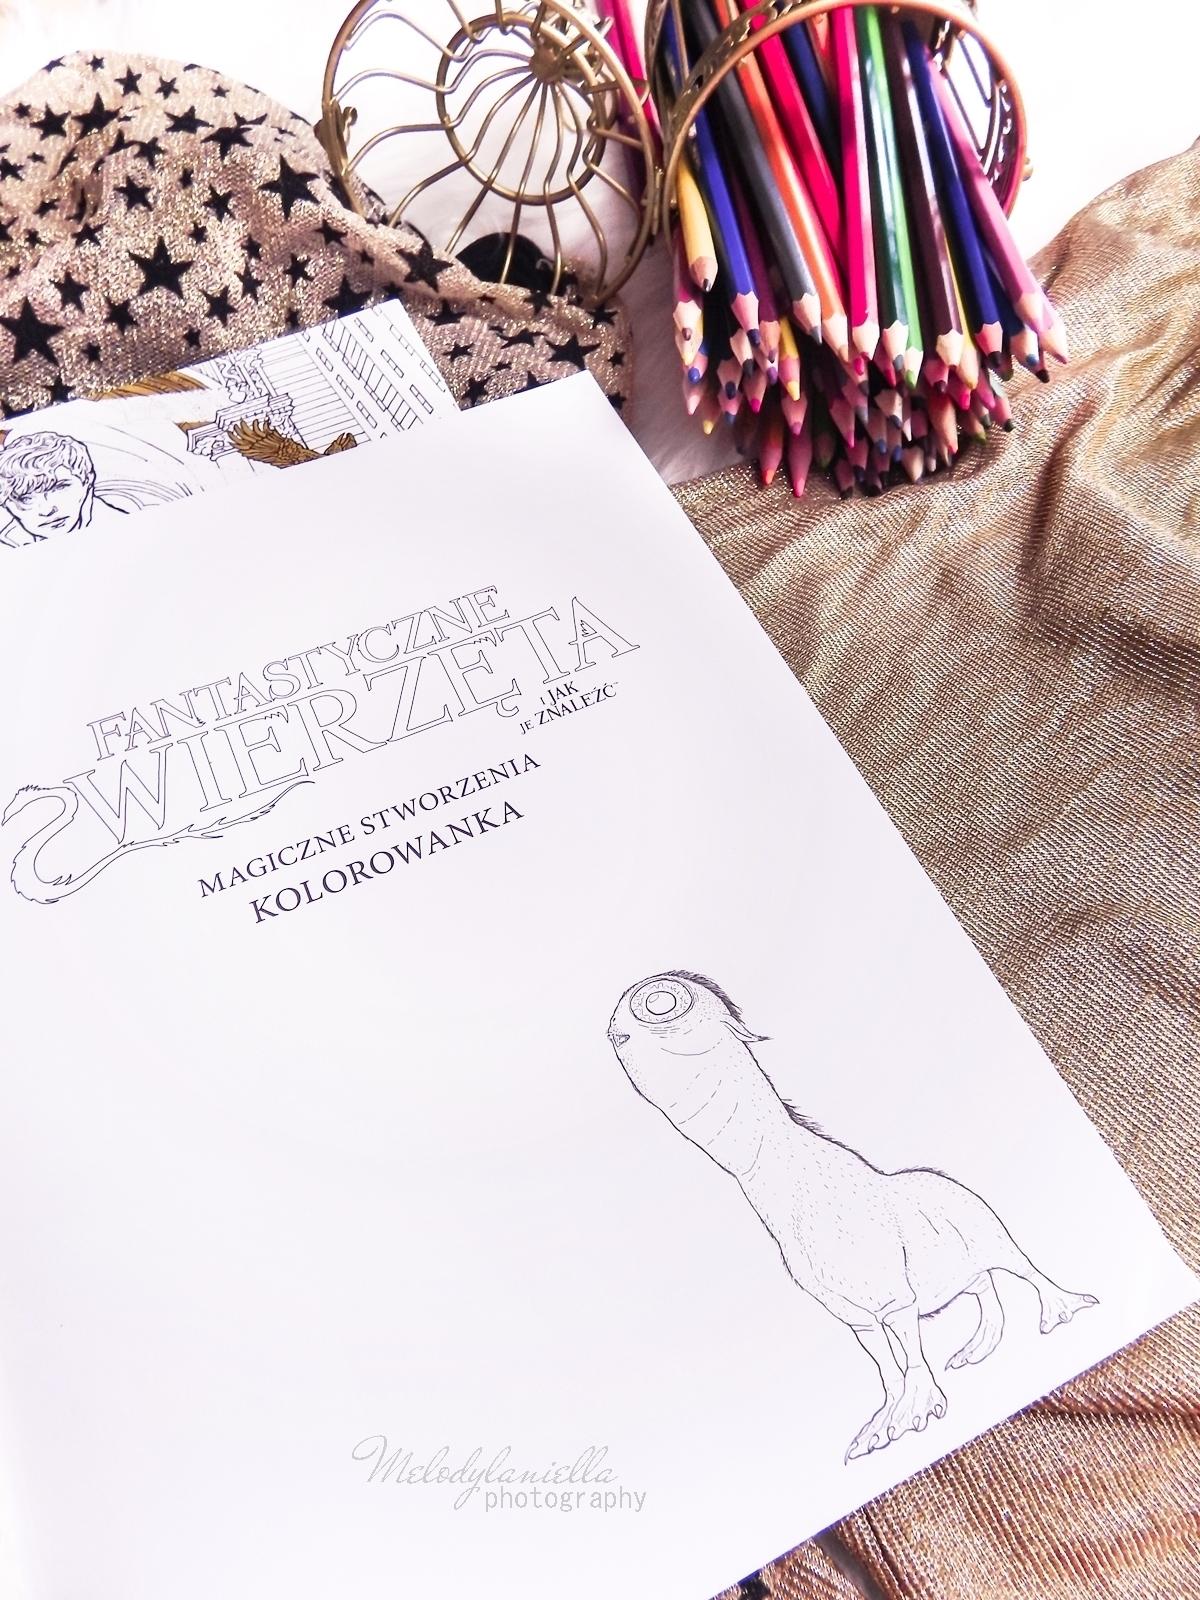 16  Konkurs ! Do wygrania 6 kolorowanek Fantastyczne zwierzęta i jak je znaleźć Magiczne zwierzęta kolorowanka oraz Magiczne miejsca i postacie kolorowanka. HarperCollins. Melodylaniella harry potter